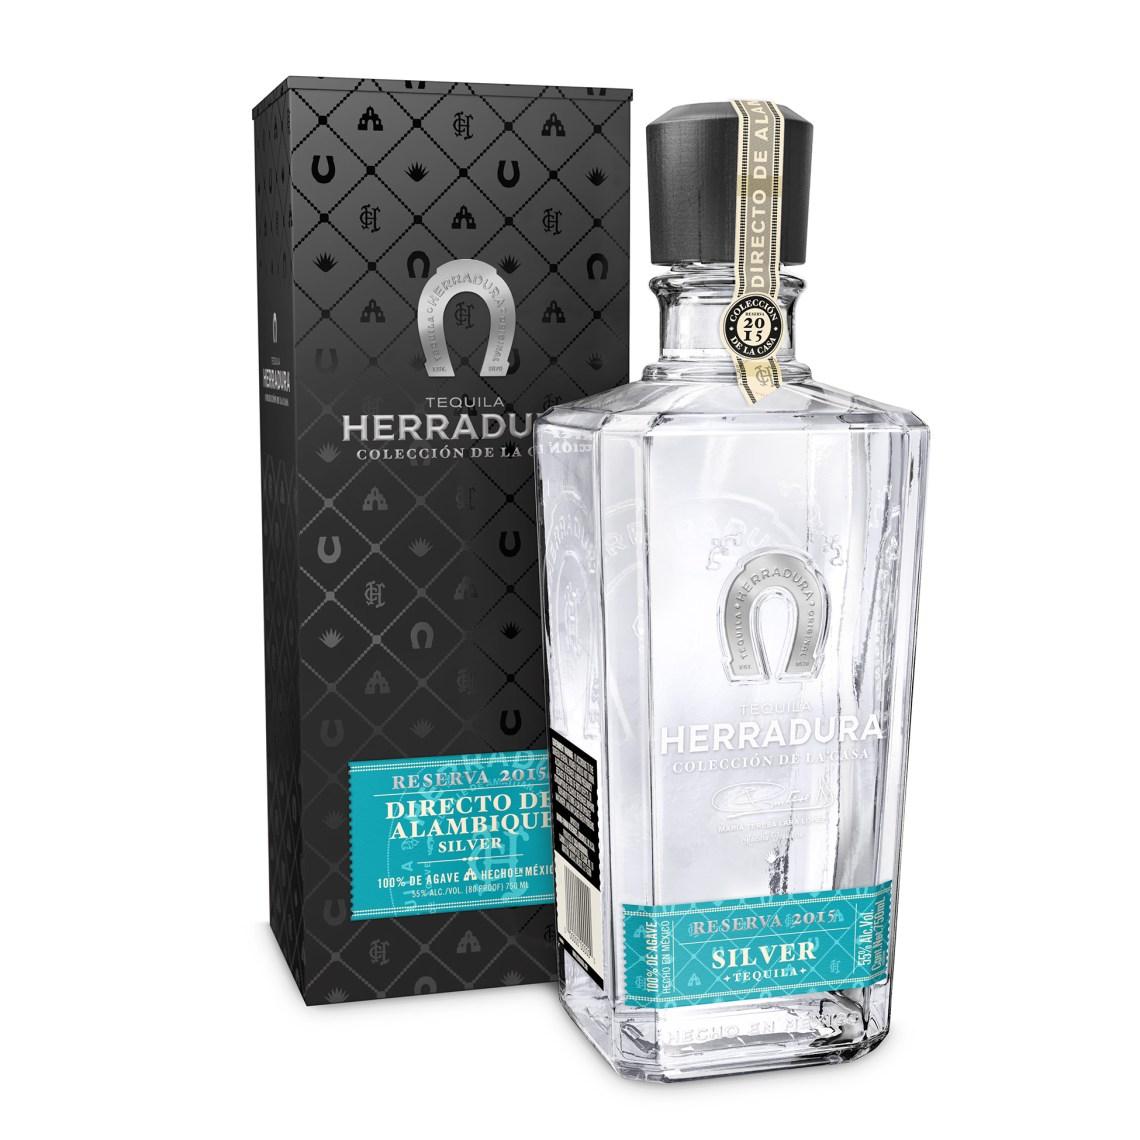 Tequila Herradura Coleccion de la Casa Directo de Alambique Silver Tequila, Reserva 2015